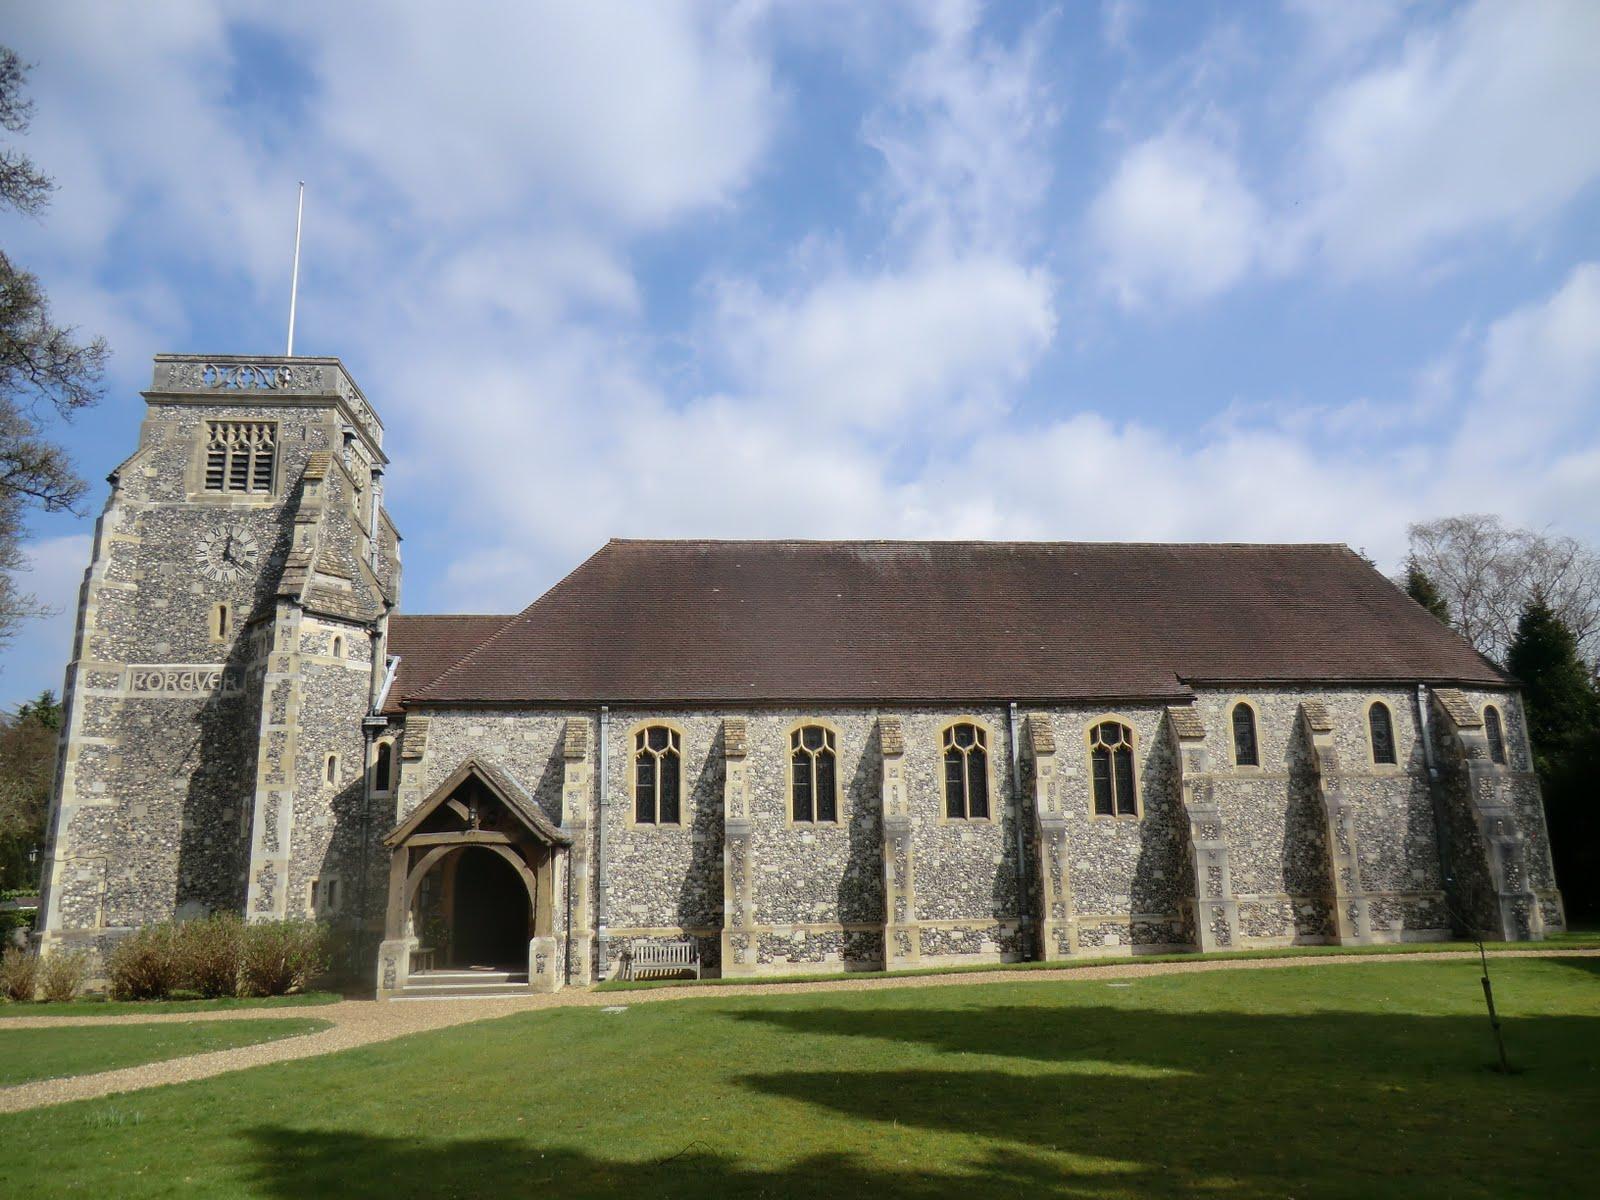 CIMG7468 St Paul's church, Woldingham